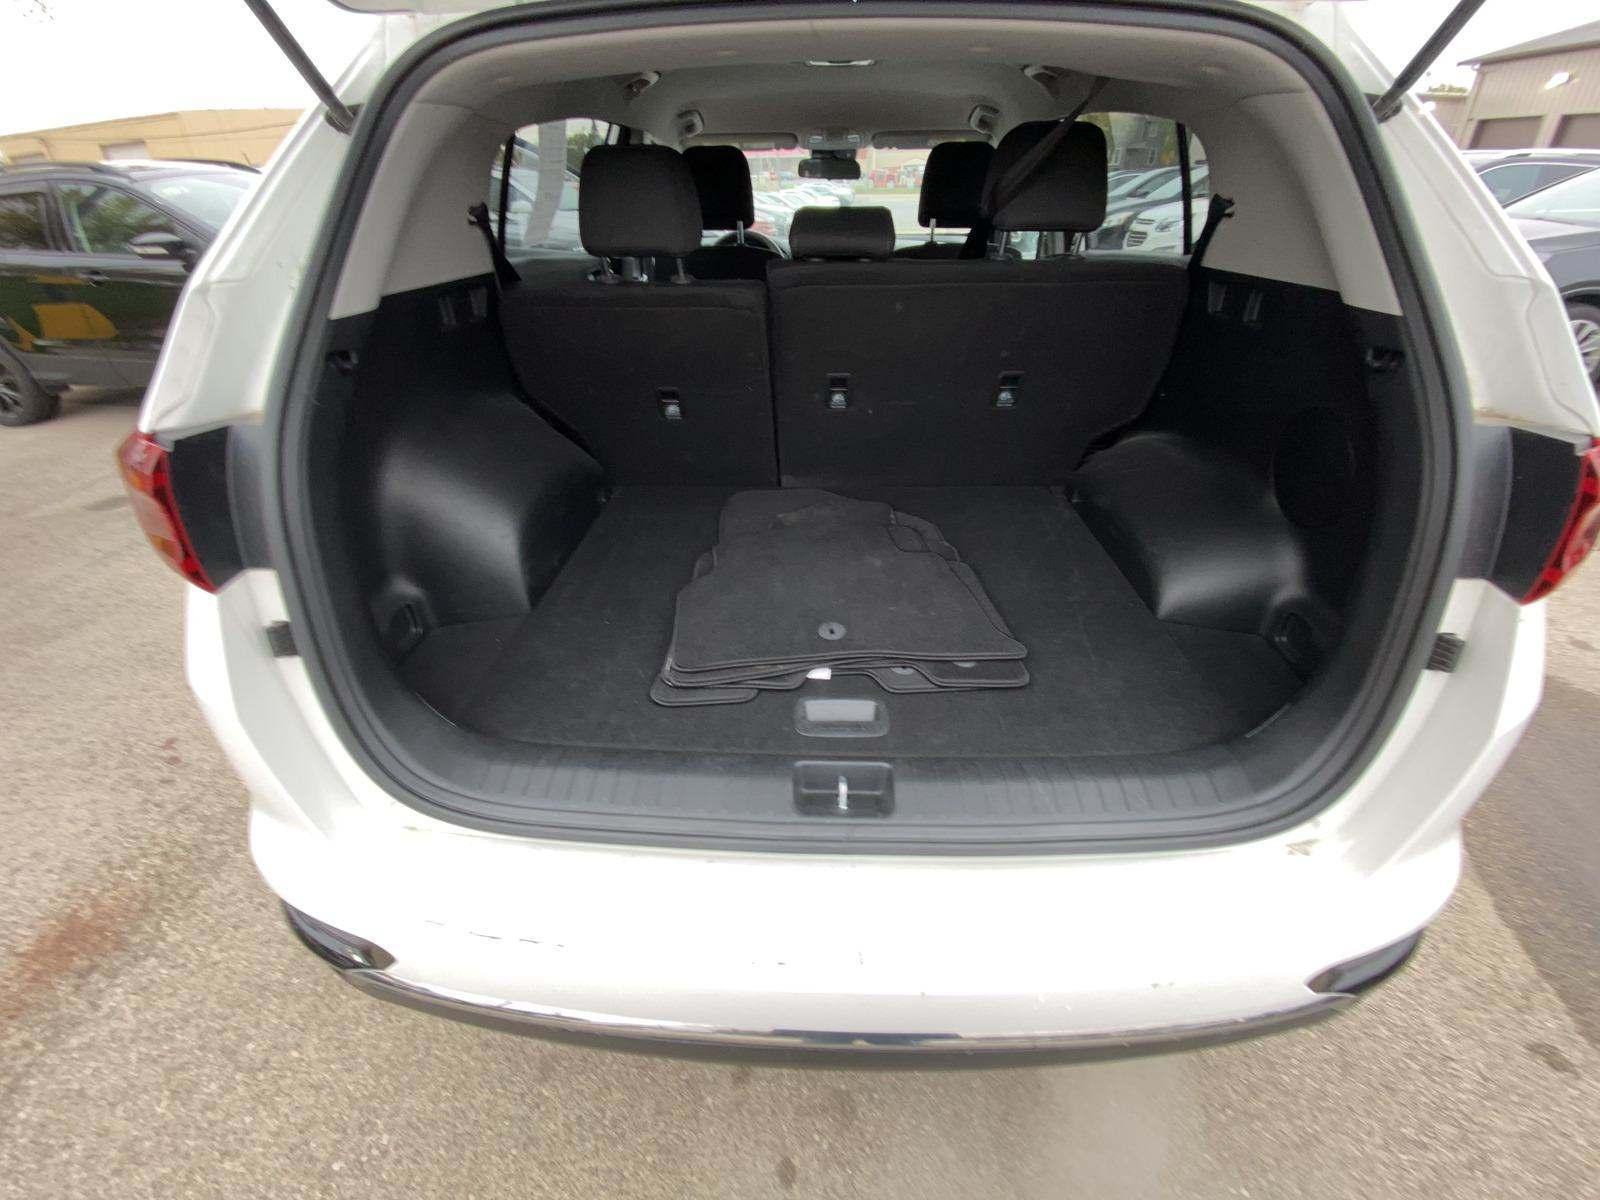 2020 KIA SPORTAGE 4D SUV 2.4L LX* - 11